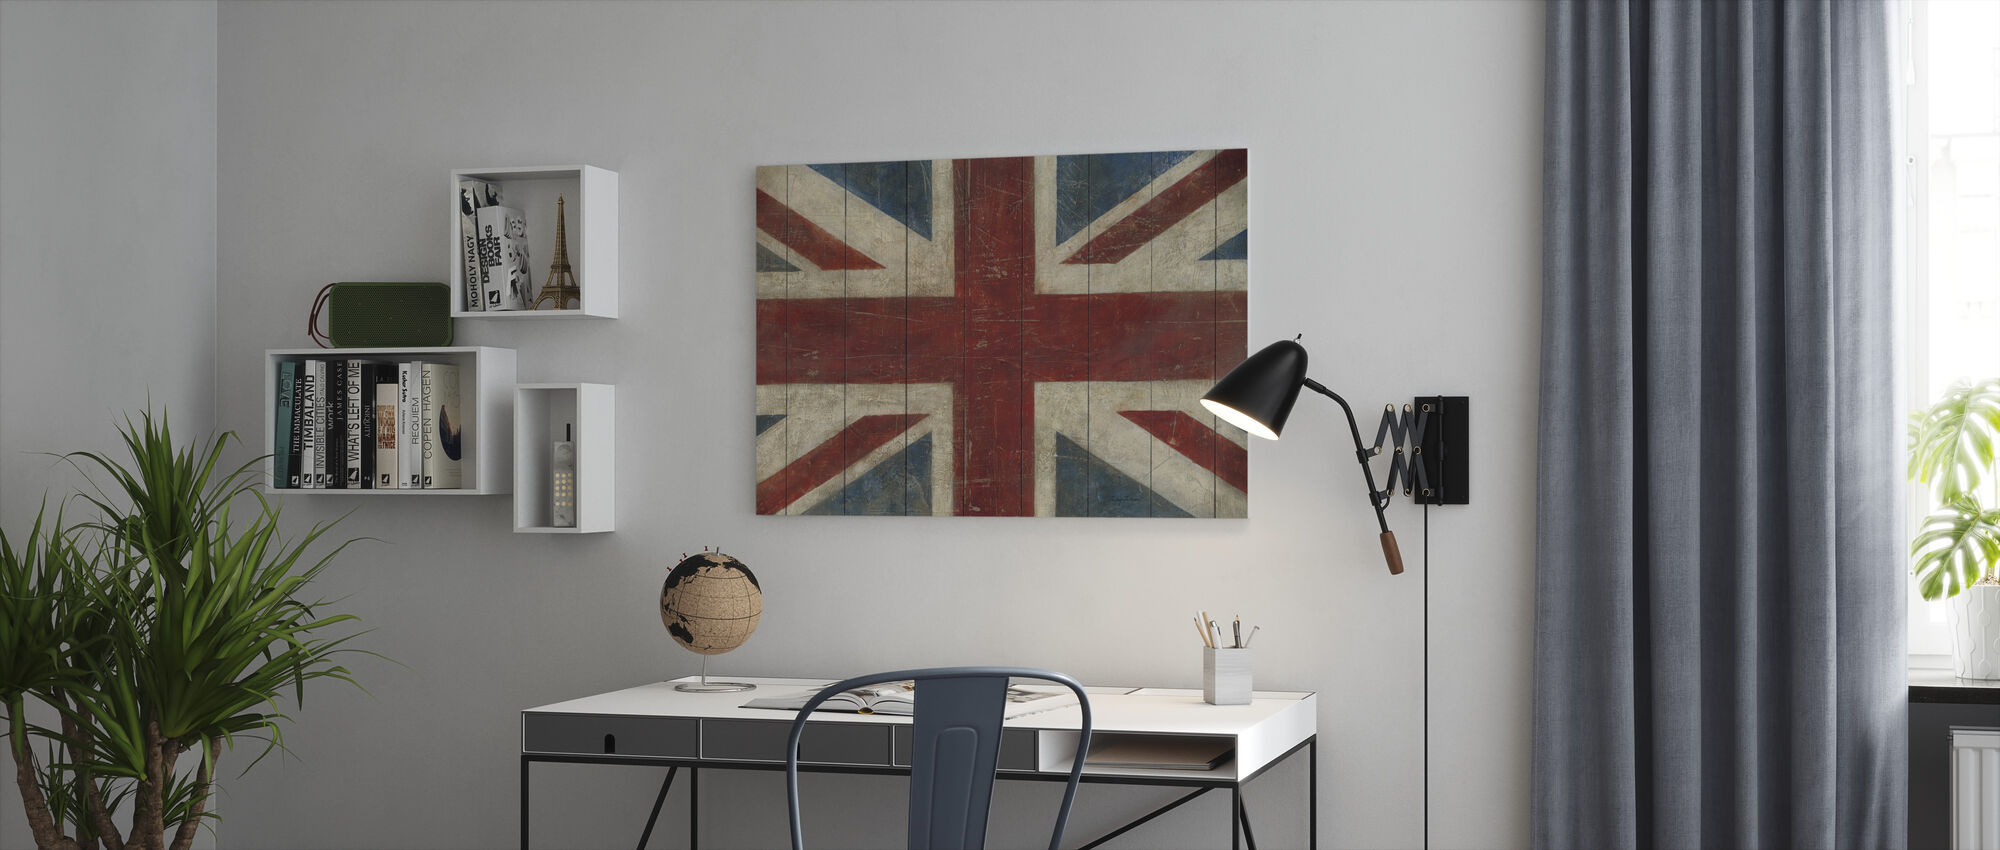 Avery Tillmon - Union Jack - Canvastaulu - Toimisto